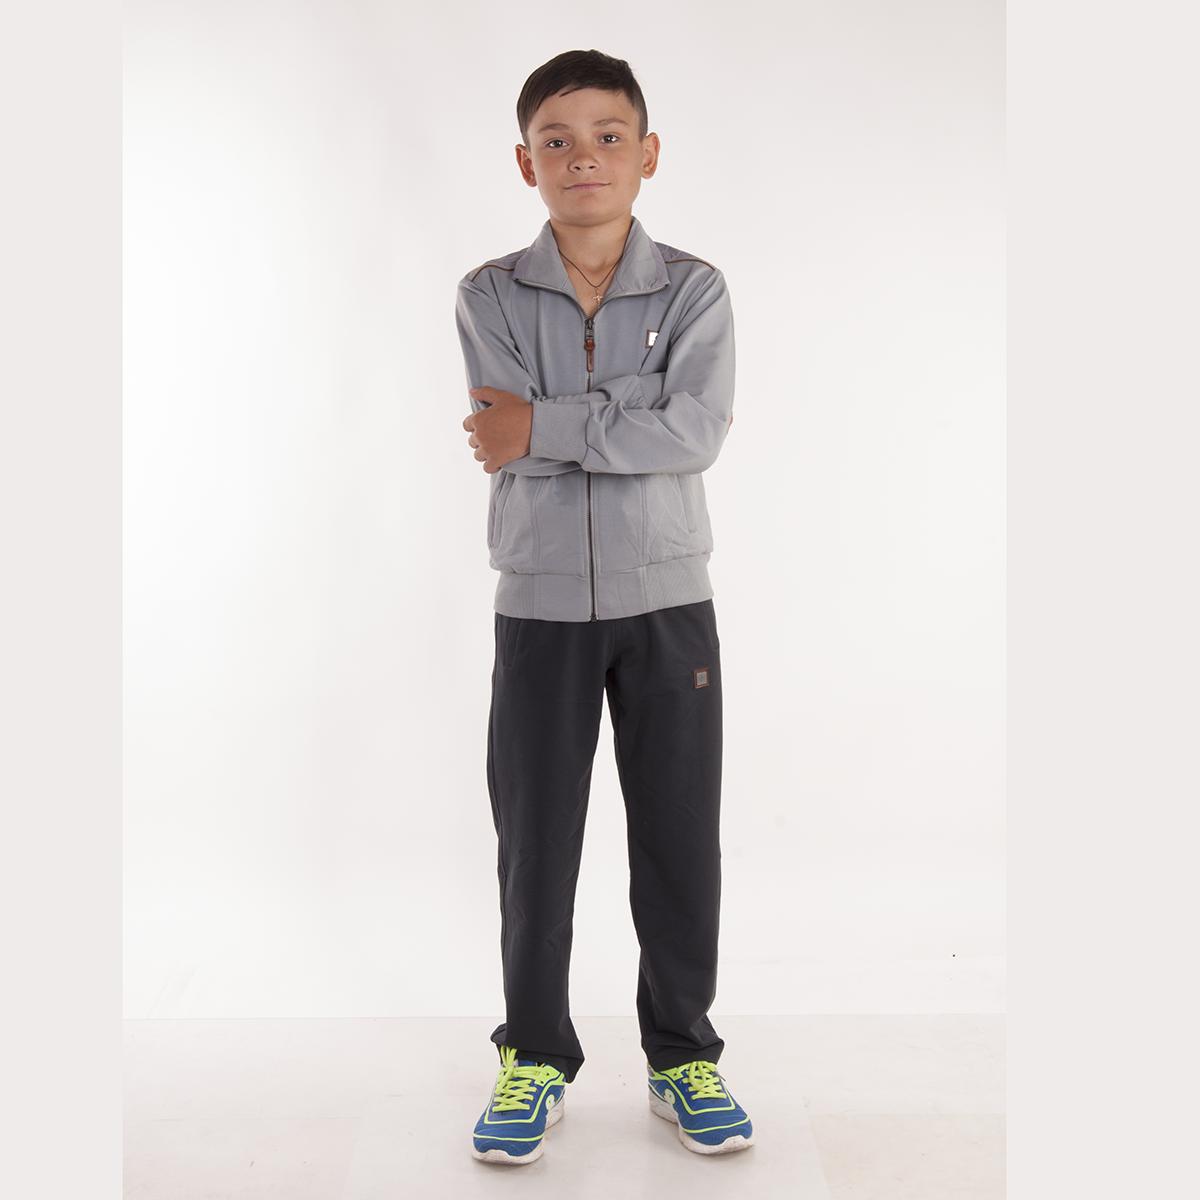 13cb4b2ee066 Подростковый спортивный костюм т.м. FORE пр-во Турция 2222 оптом и в ...